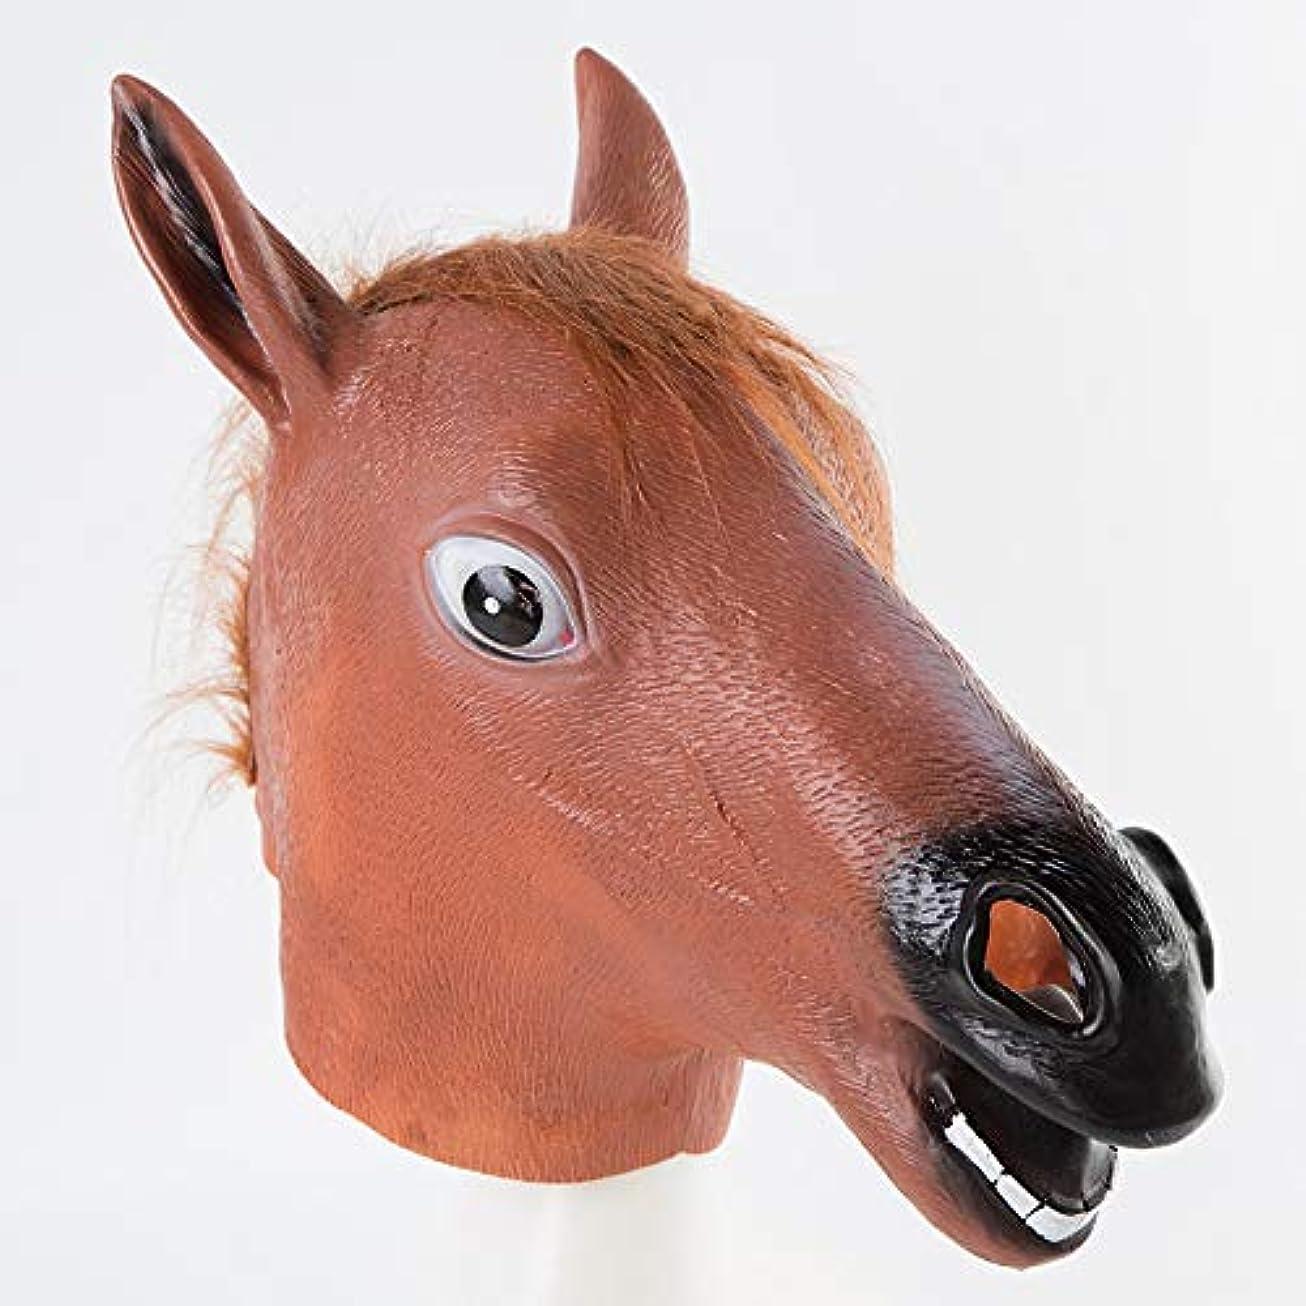 ペックインサート染色馬の頭のマスク動物の帽子ハロウィンの馬のマスク馬の頭の男の帽子